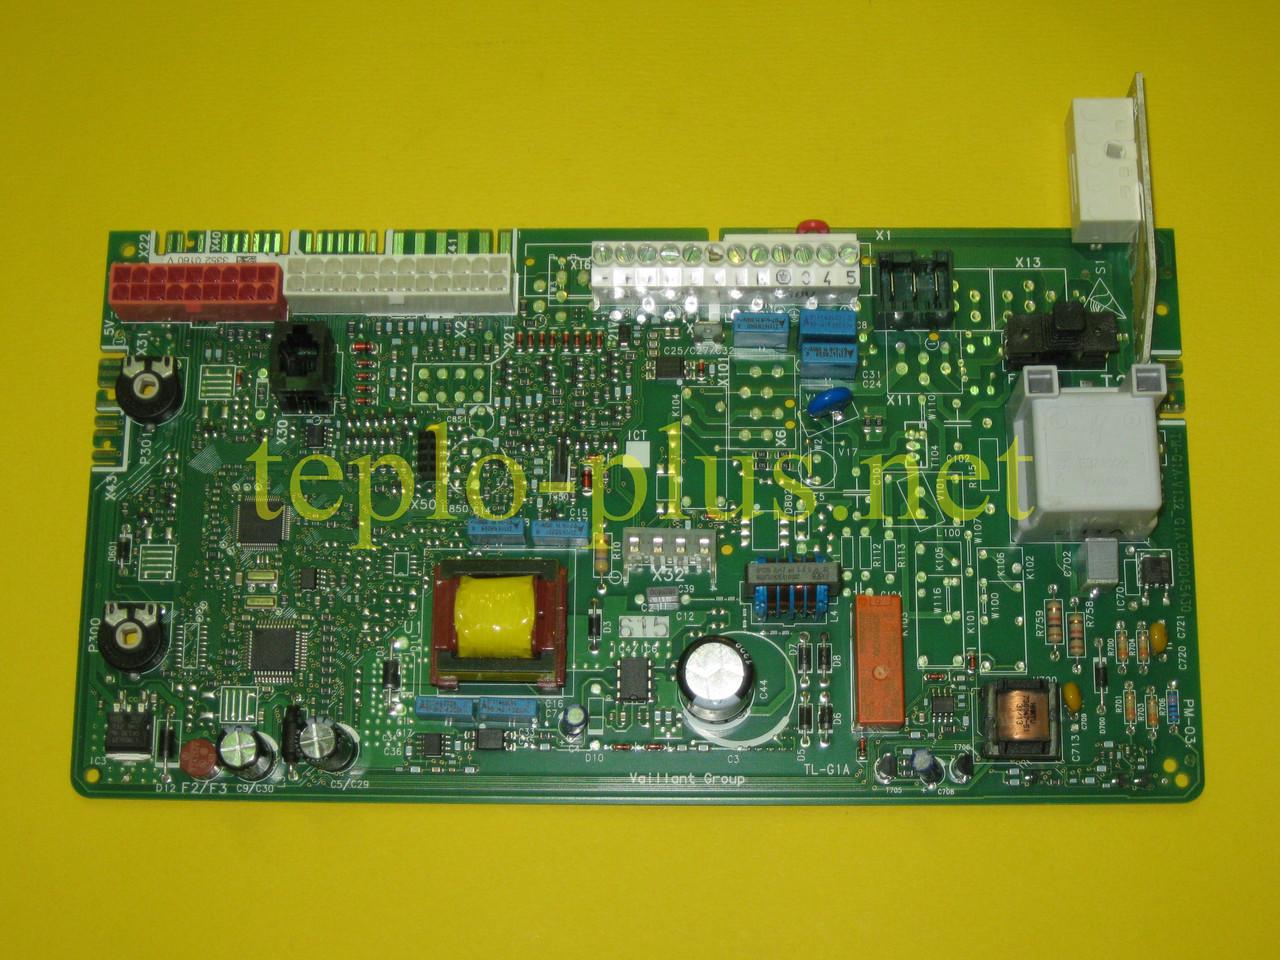 Плата управления 0020035442 Vaillant atmoTEC Pro VUW 180/3-3 М R1, VUW 200/3-3 М R1, VUW 240/3-3 М R1